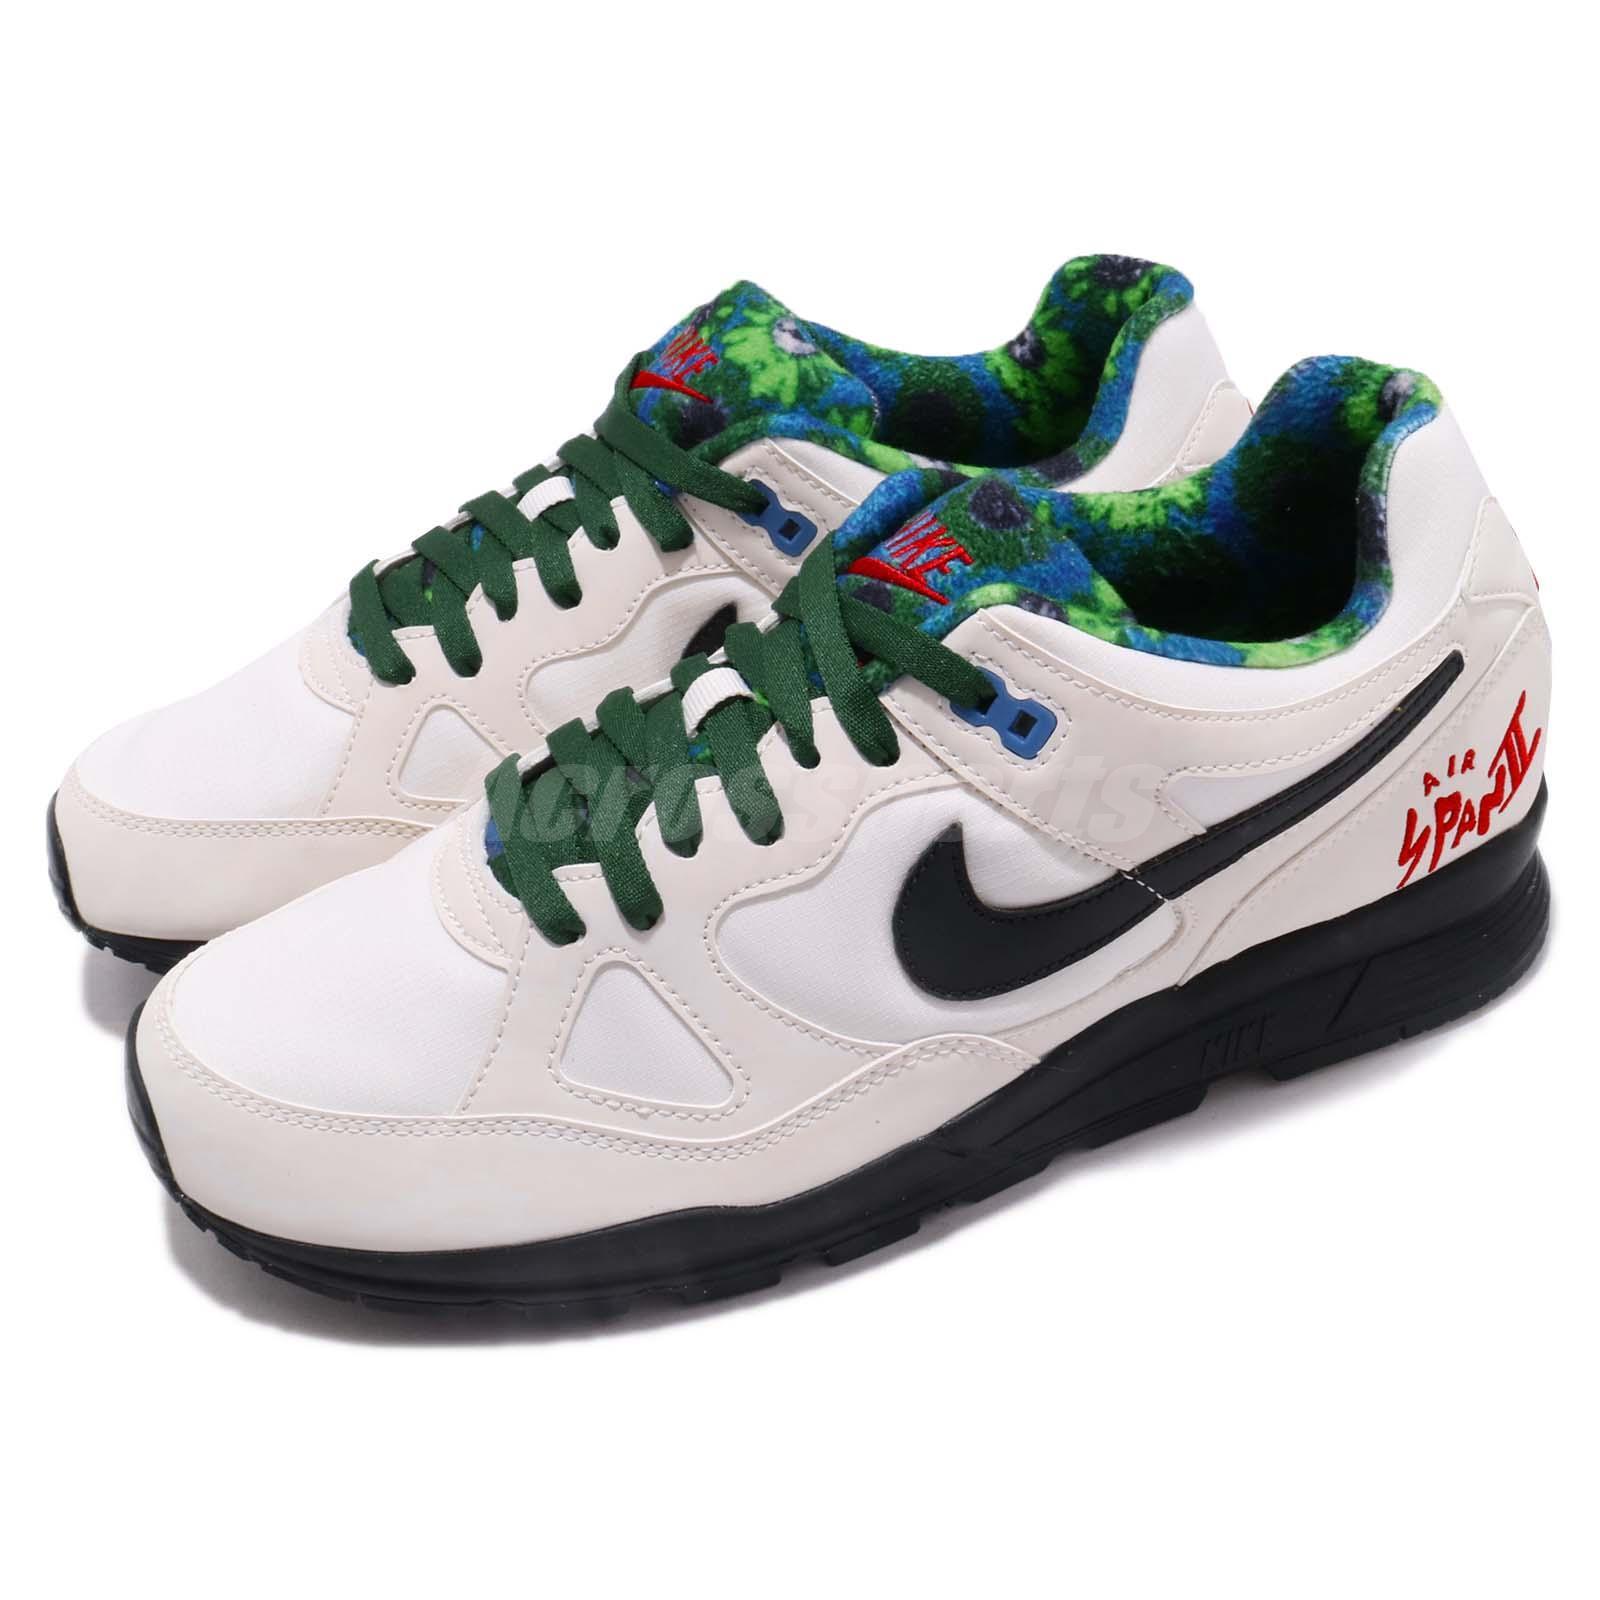 Details about Nike Air Span II SE 2 Phantom Black Mountain Blue Men Running  Shoes AQ3120-003